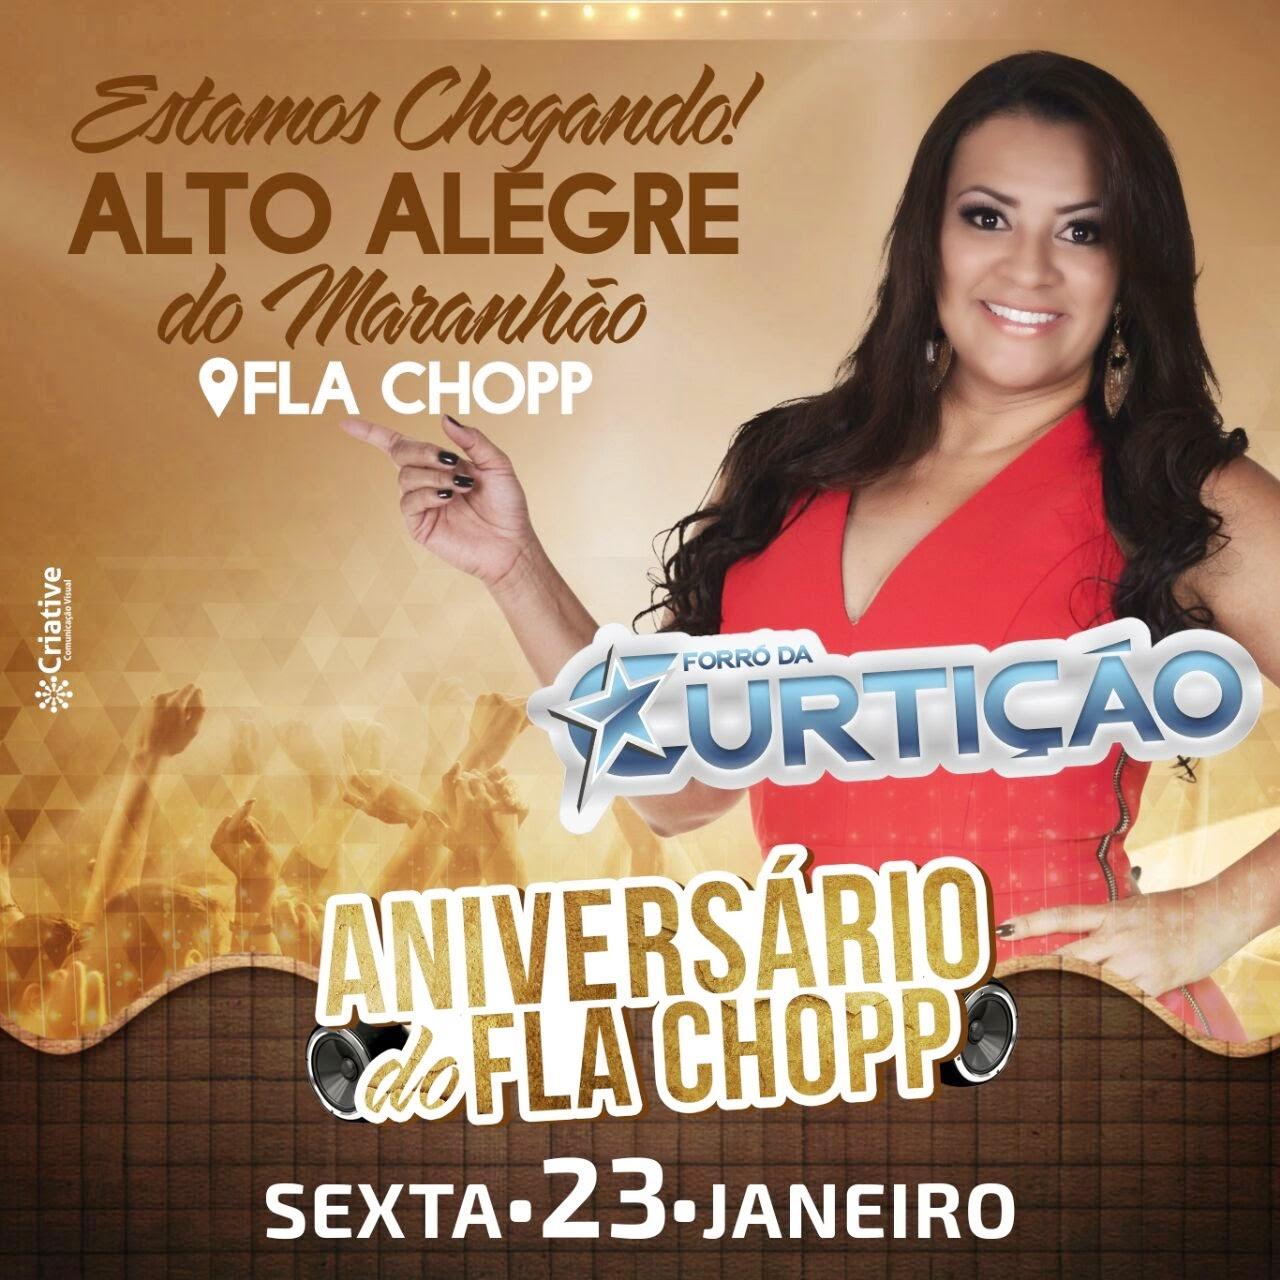 Em Alto Alegre do Maranhão dia 23 de Janeiro